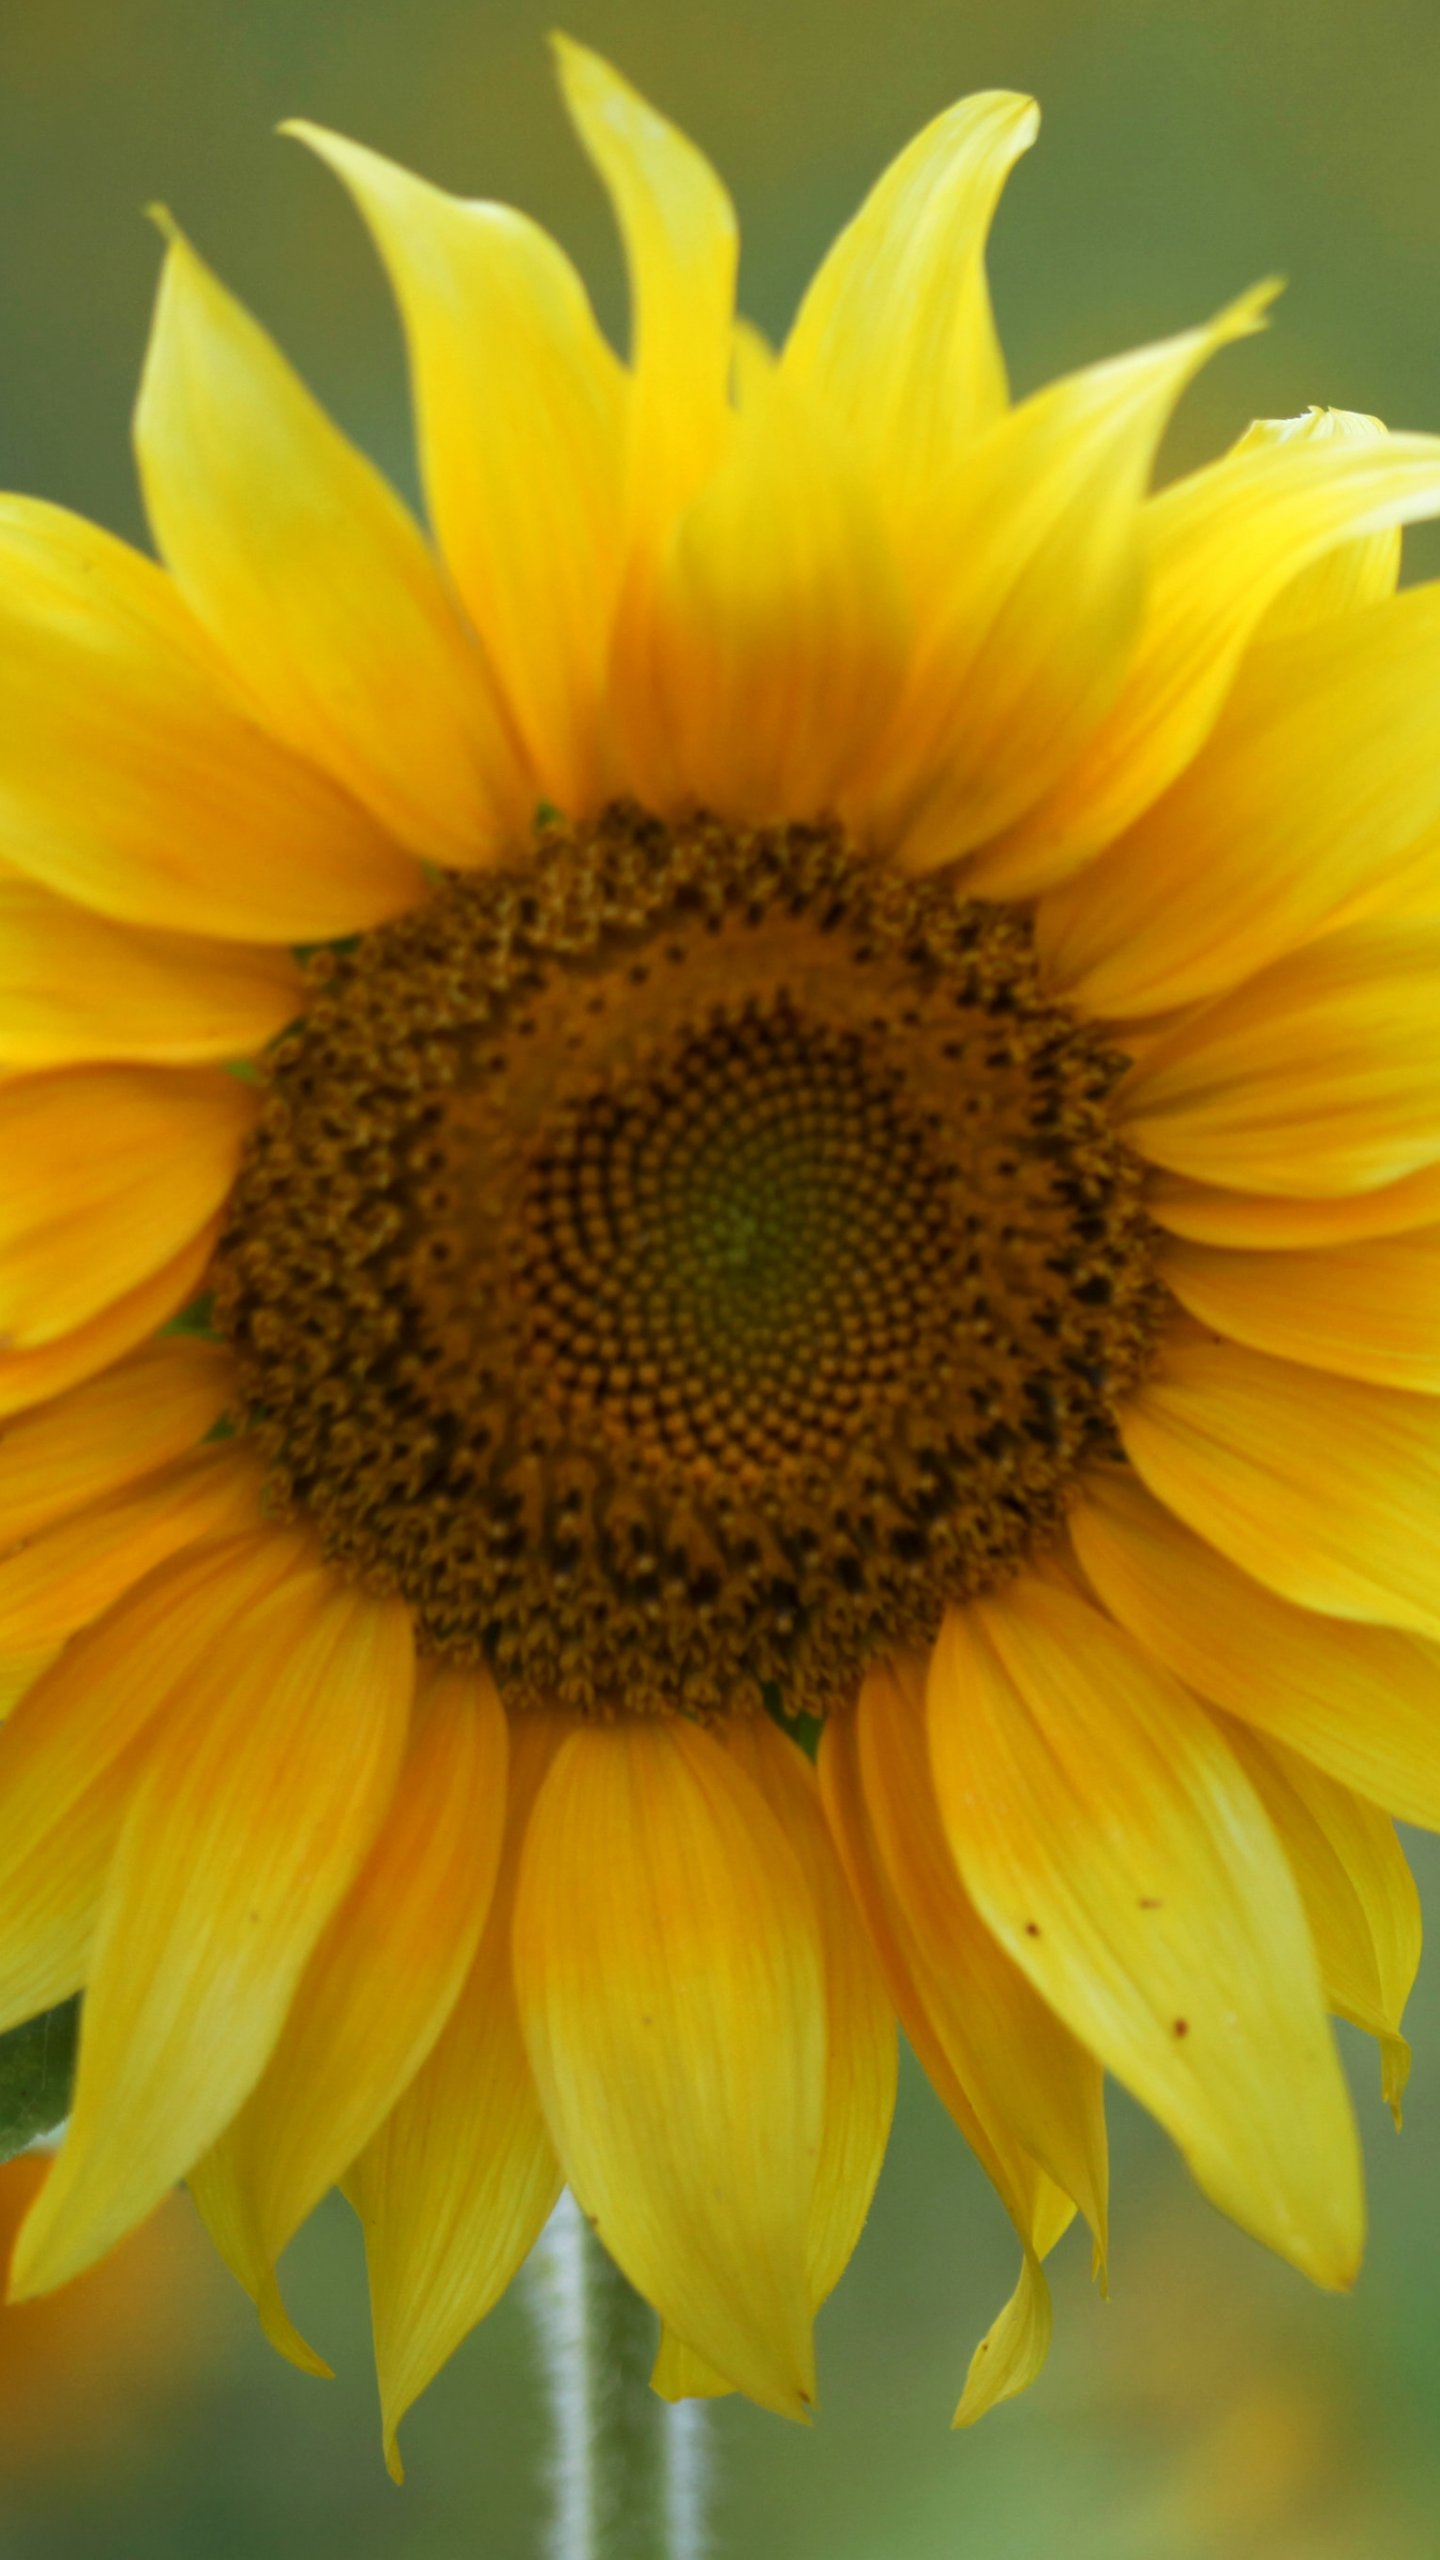 Sunflower Wallpaper - Mobile & Desktop Background